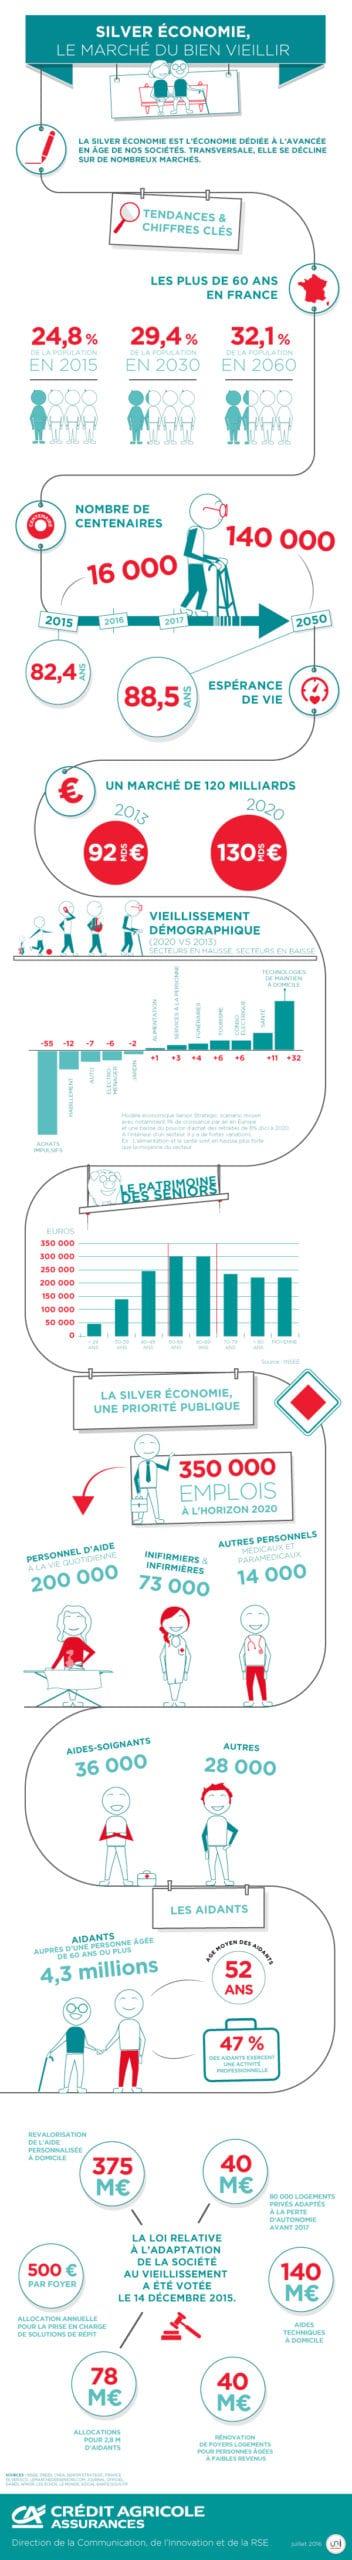 Infographie Crédit Agricole Assurance sur la Silver économie